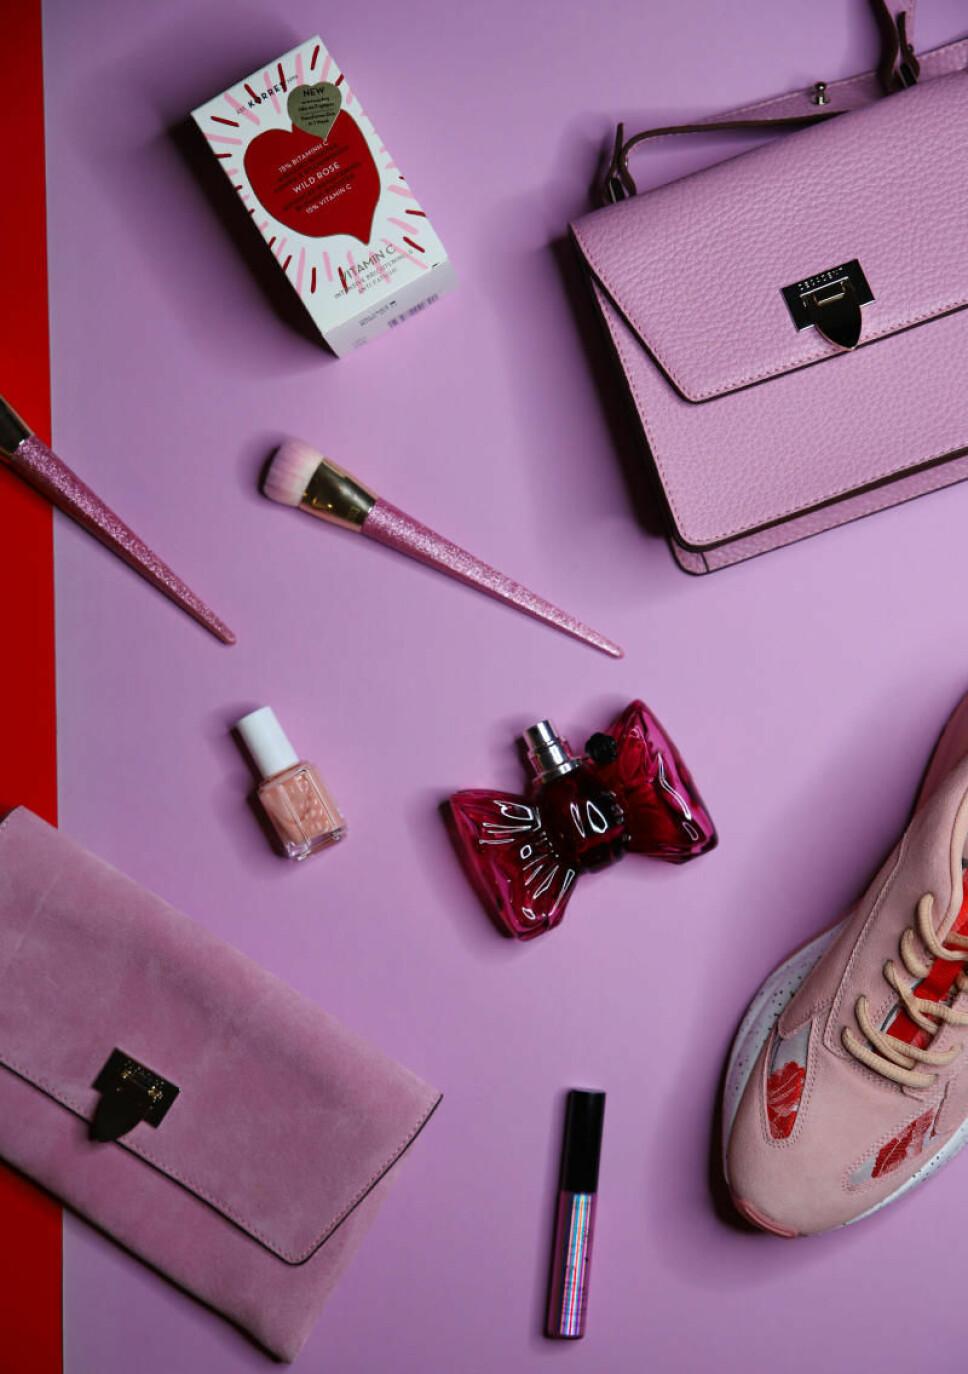 1. Wild Rose serum fra Korres, kr 119. 2. Veske fra Decdent, kr 3700. 3. Koster fra Real Technique, kr 299 (per sett). 4. Muchi Muchi neglelakk fra Essie, kr 129. 5. Bonbon-parfyme fra Victor og Rolf, kr 820 (50ml)..  6. Veske fra Decadent, kr 2200. 7. Lipgloss fra The Body Shop, kr 139. 8. Sko fra Bianco, kr 749.